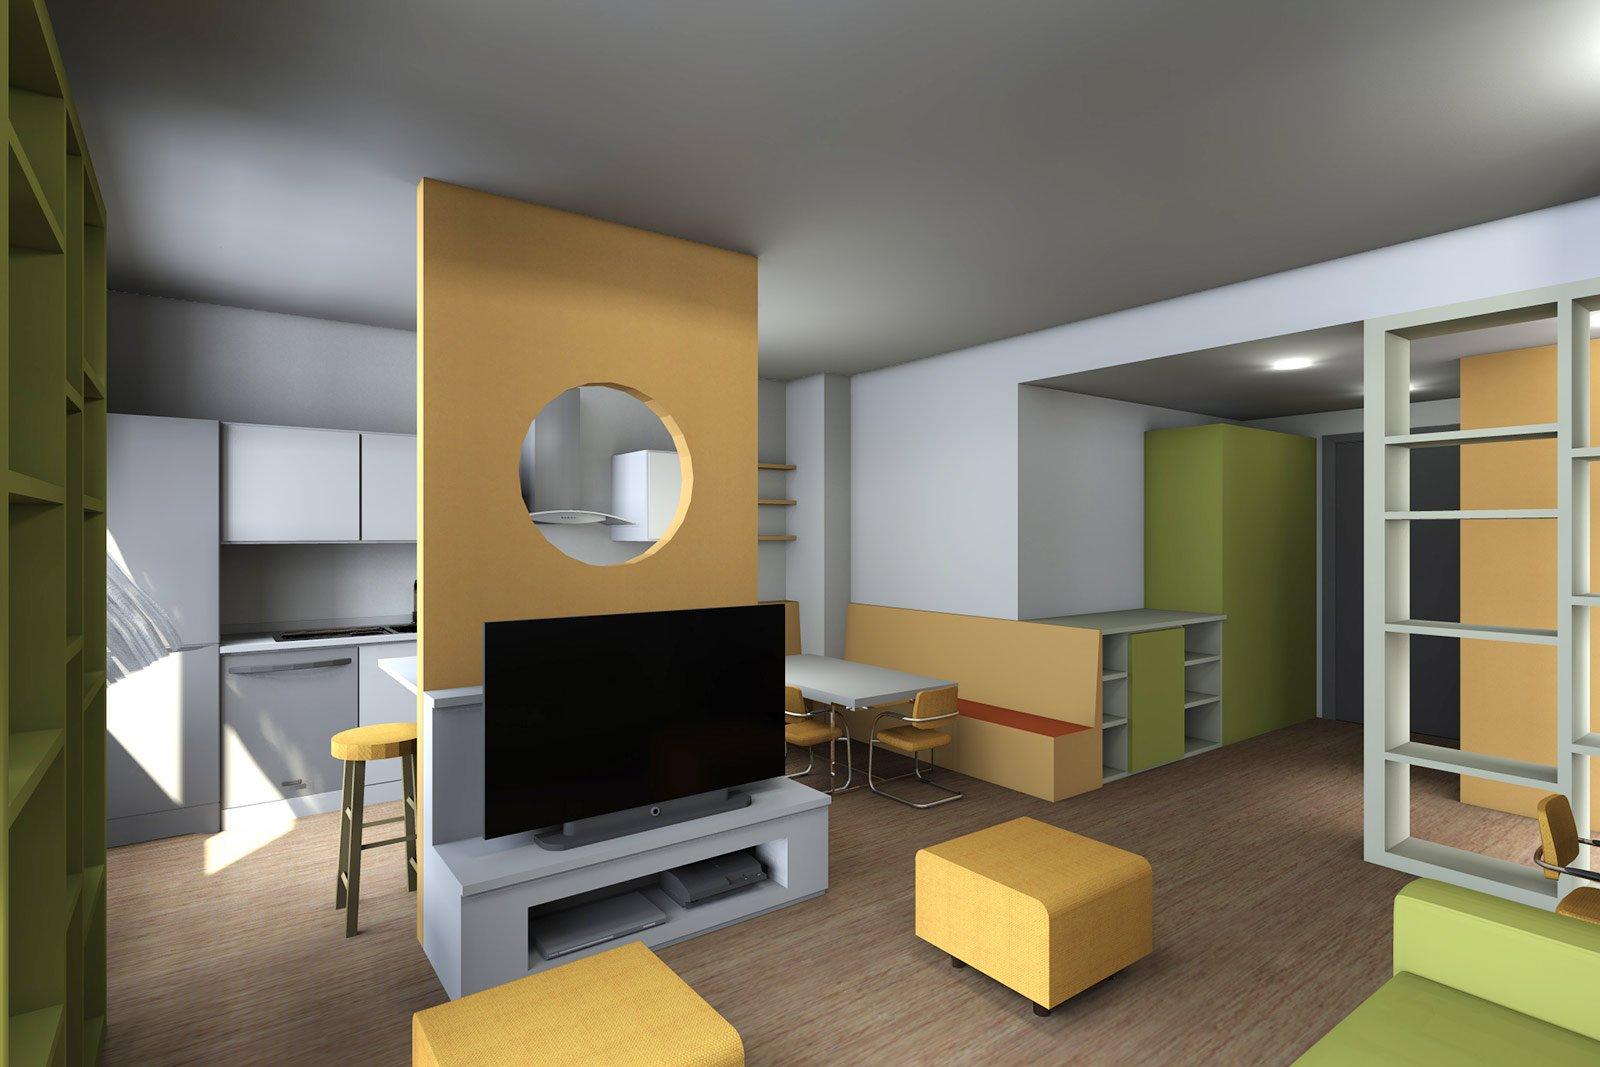 Soggiorno con cucina a vista pianta e prospetto in 3d for Arredare soggiorno cucina